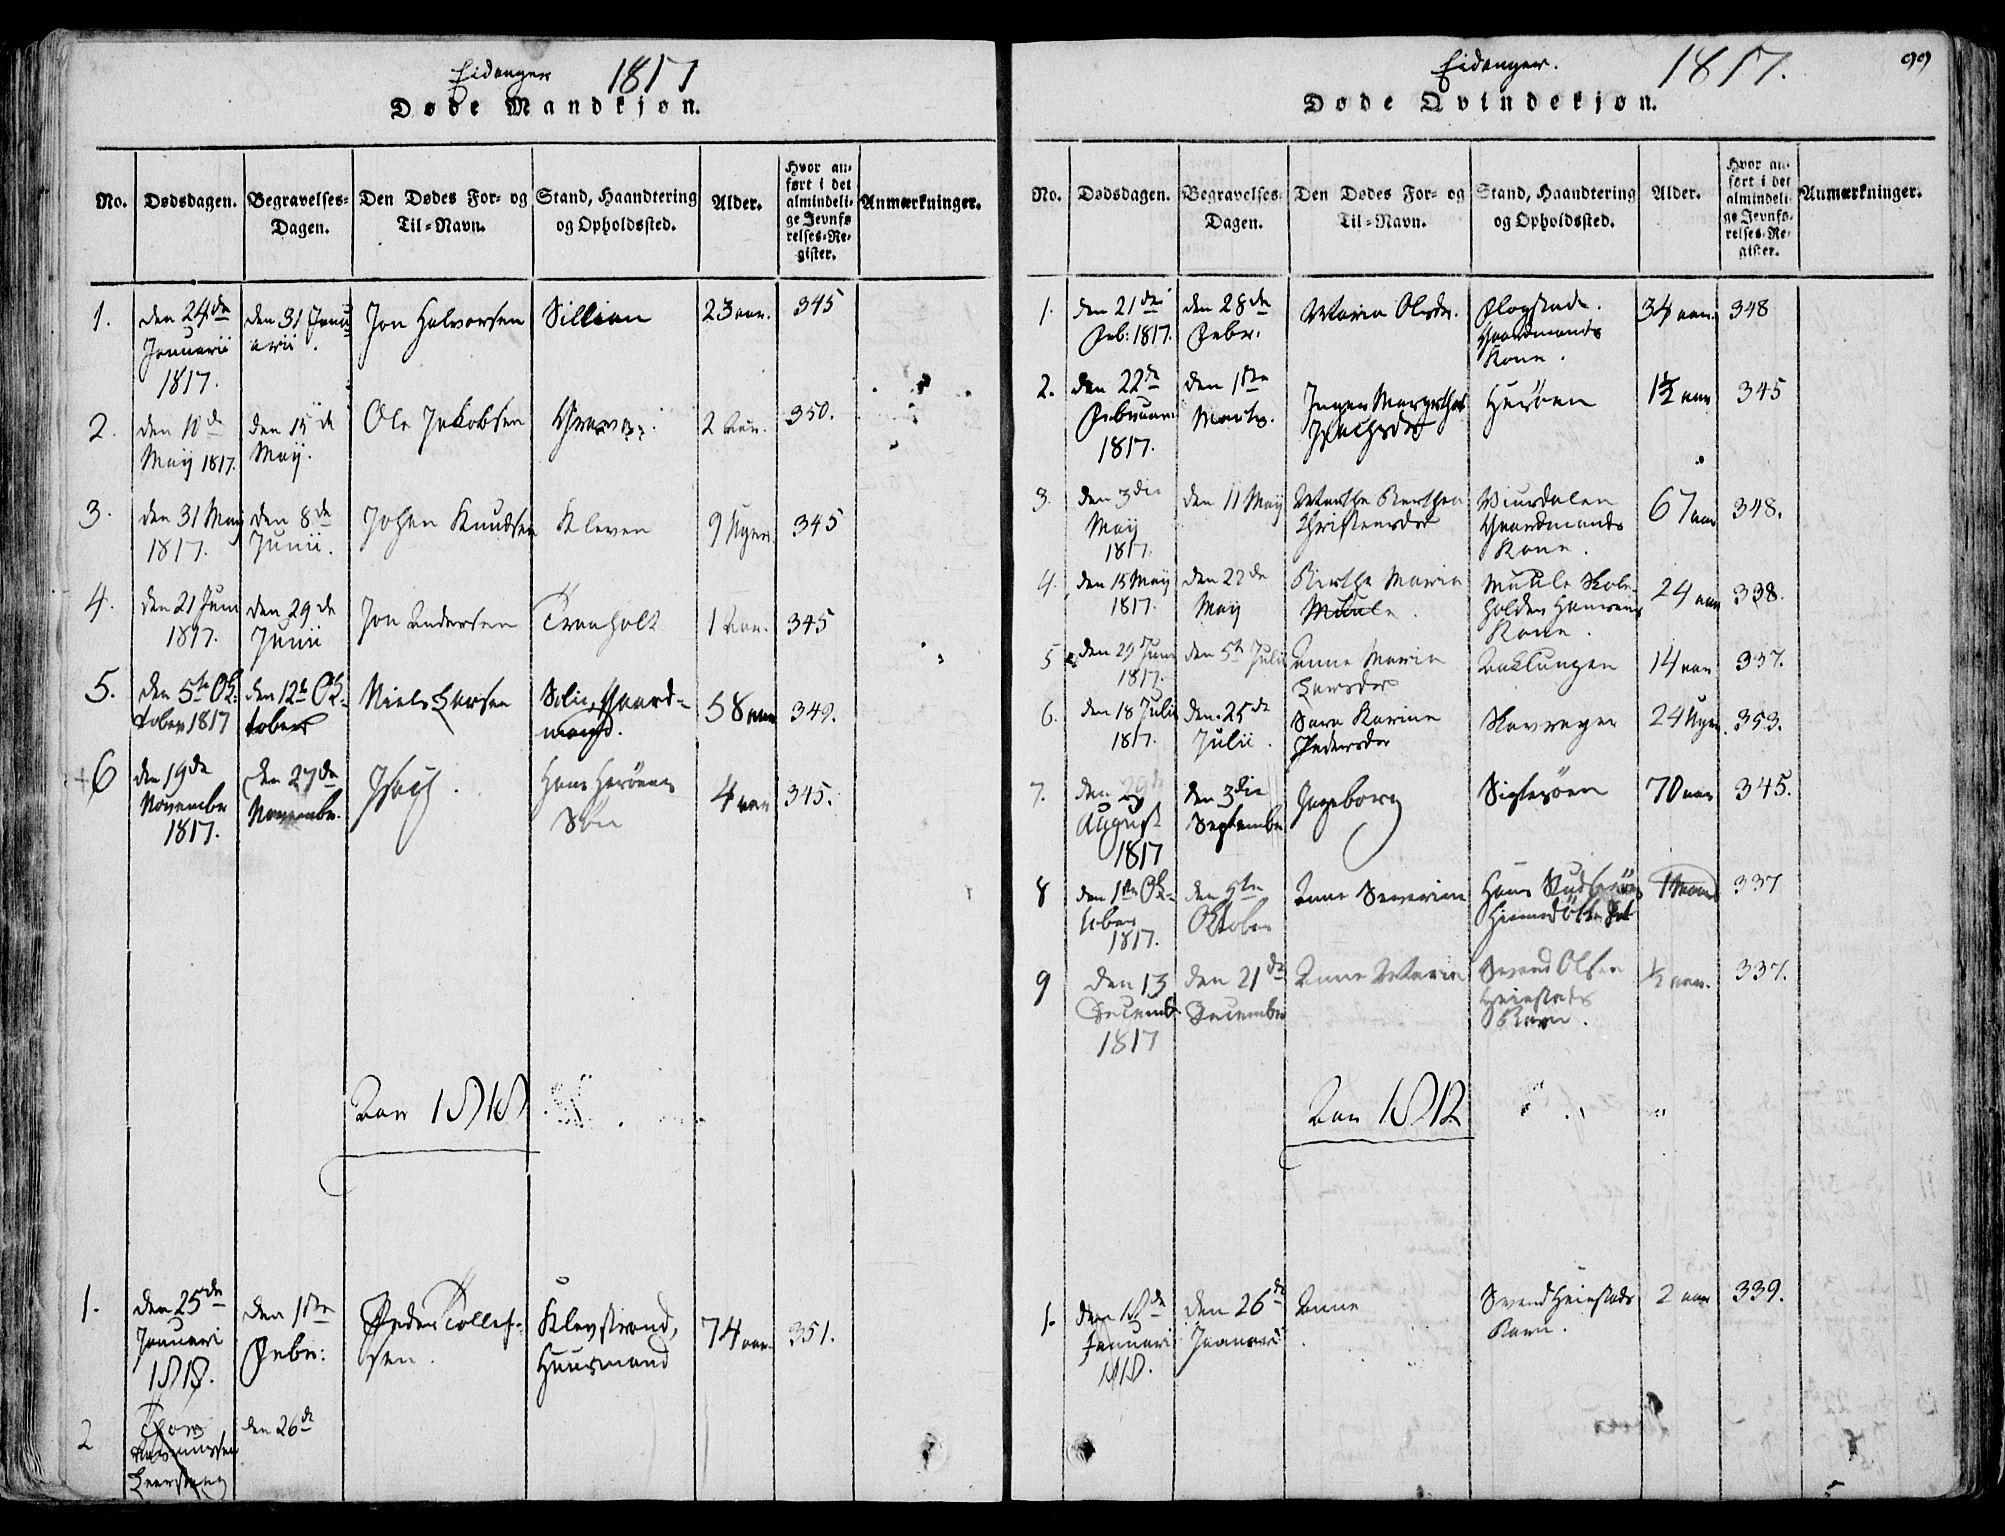 SAKO, Eidanger kirkebøker, F/Fa/L0007: Ministerialbok nr. 7, 1814-1831, s. 99